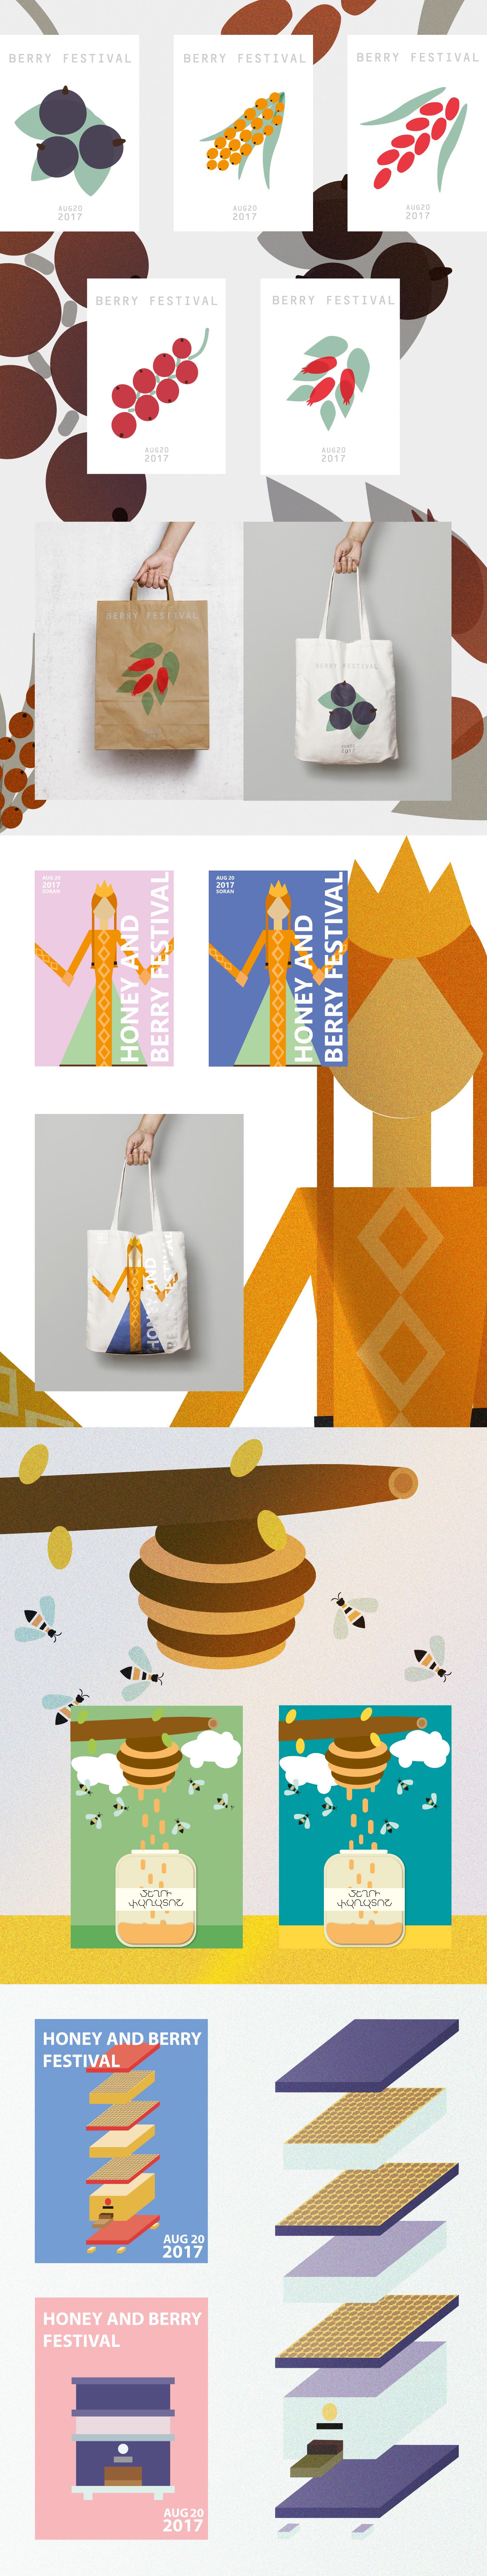 a51cf446551915 - Branding by Berd TUMOians